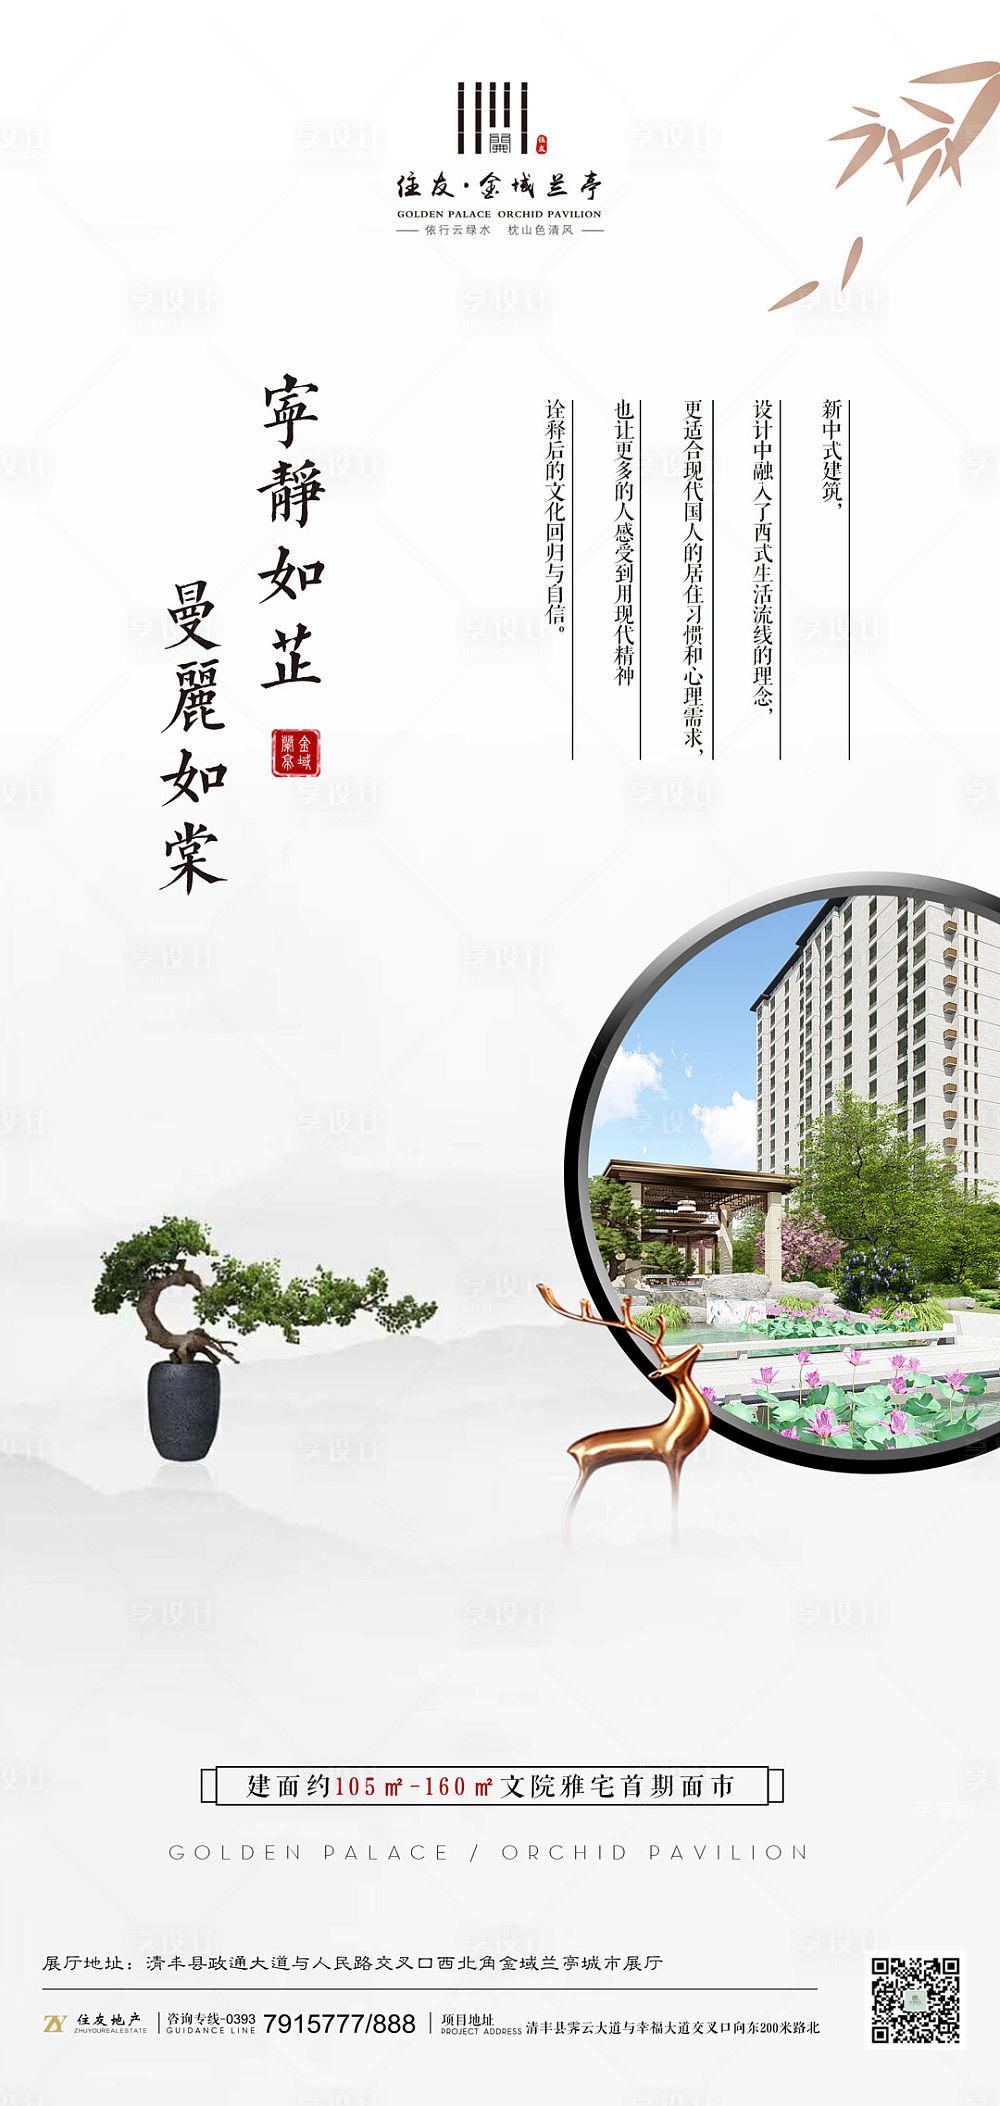 【源文件下载】 海报 房地产 大气 中式 高端